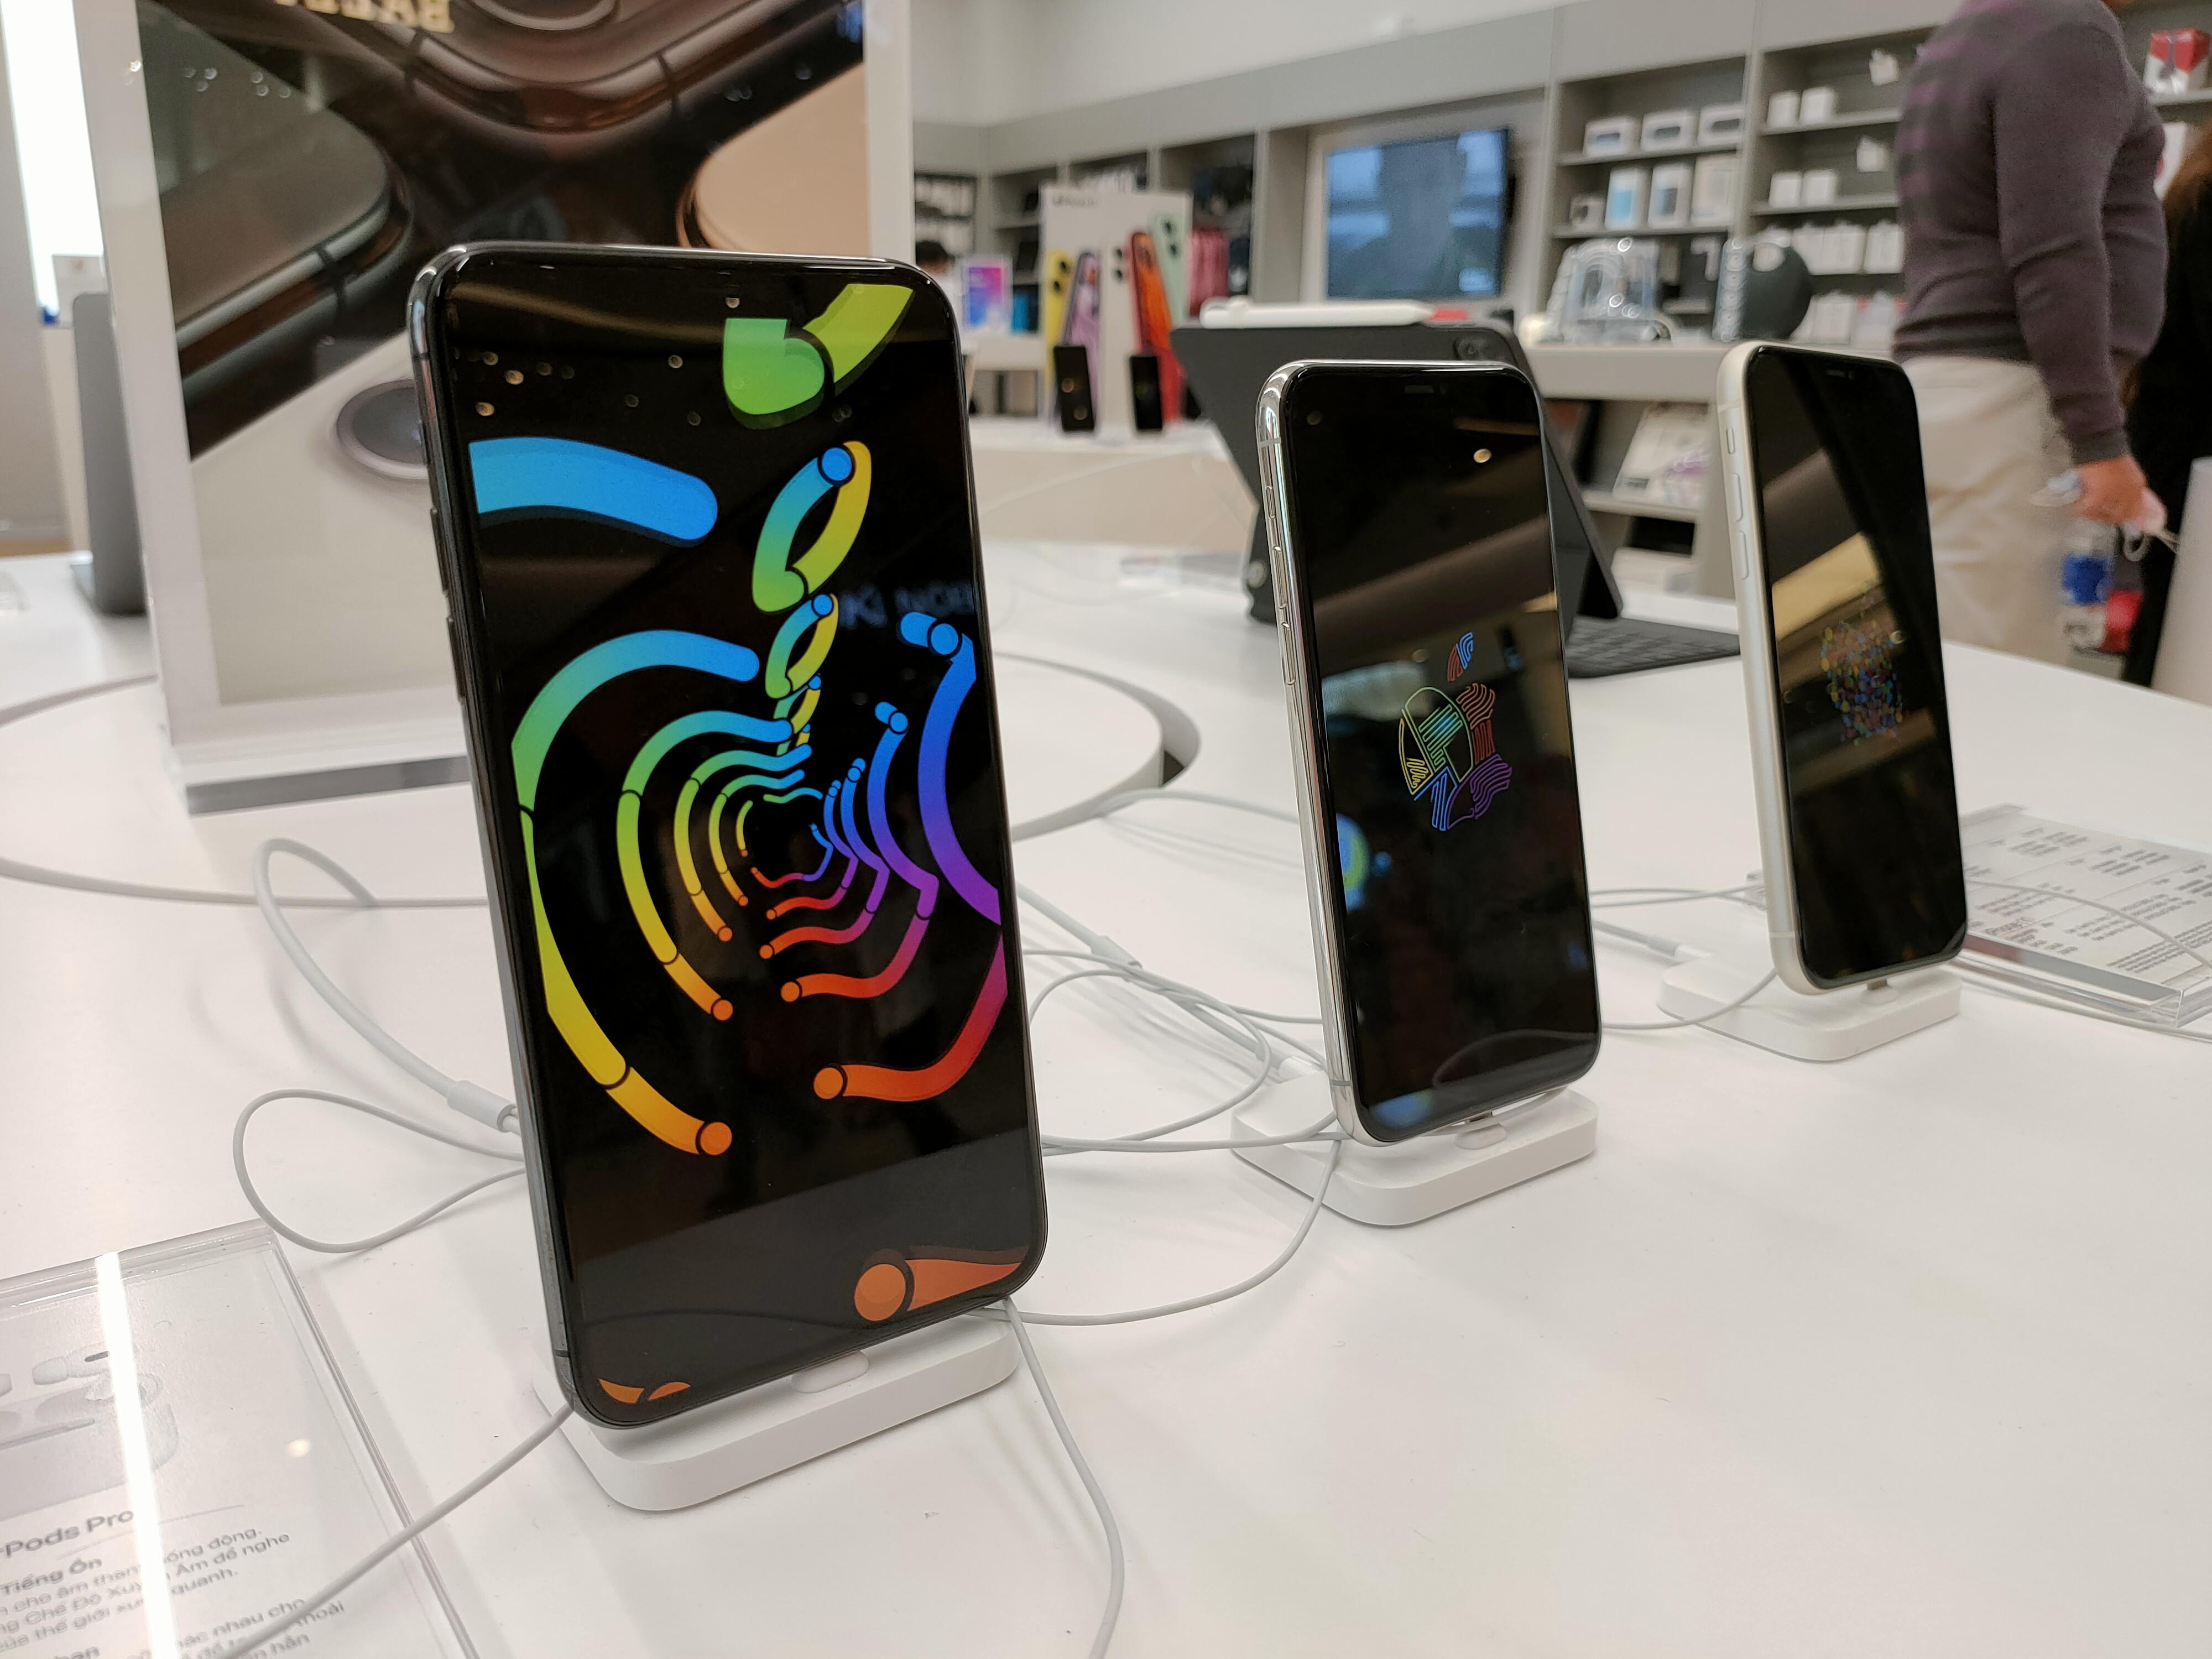 Điện thoại giảm giá tiếp tục nóng với ưu đãi từ cả iPhone lẫn Samsung - Ảnh 1.